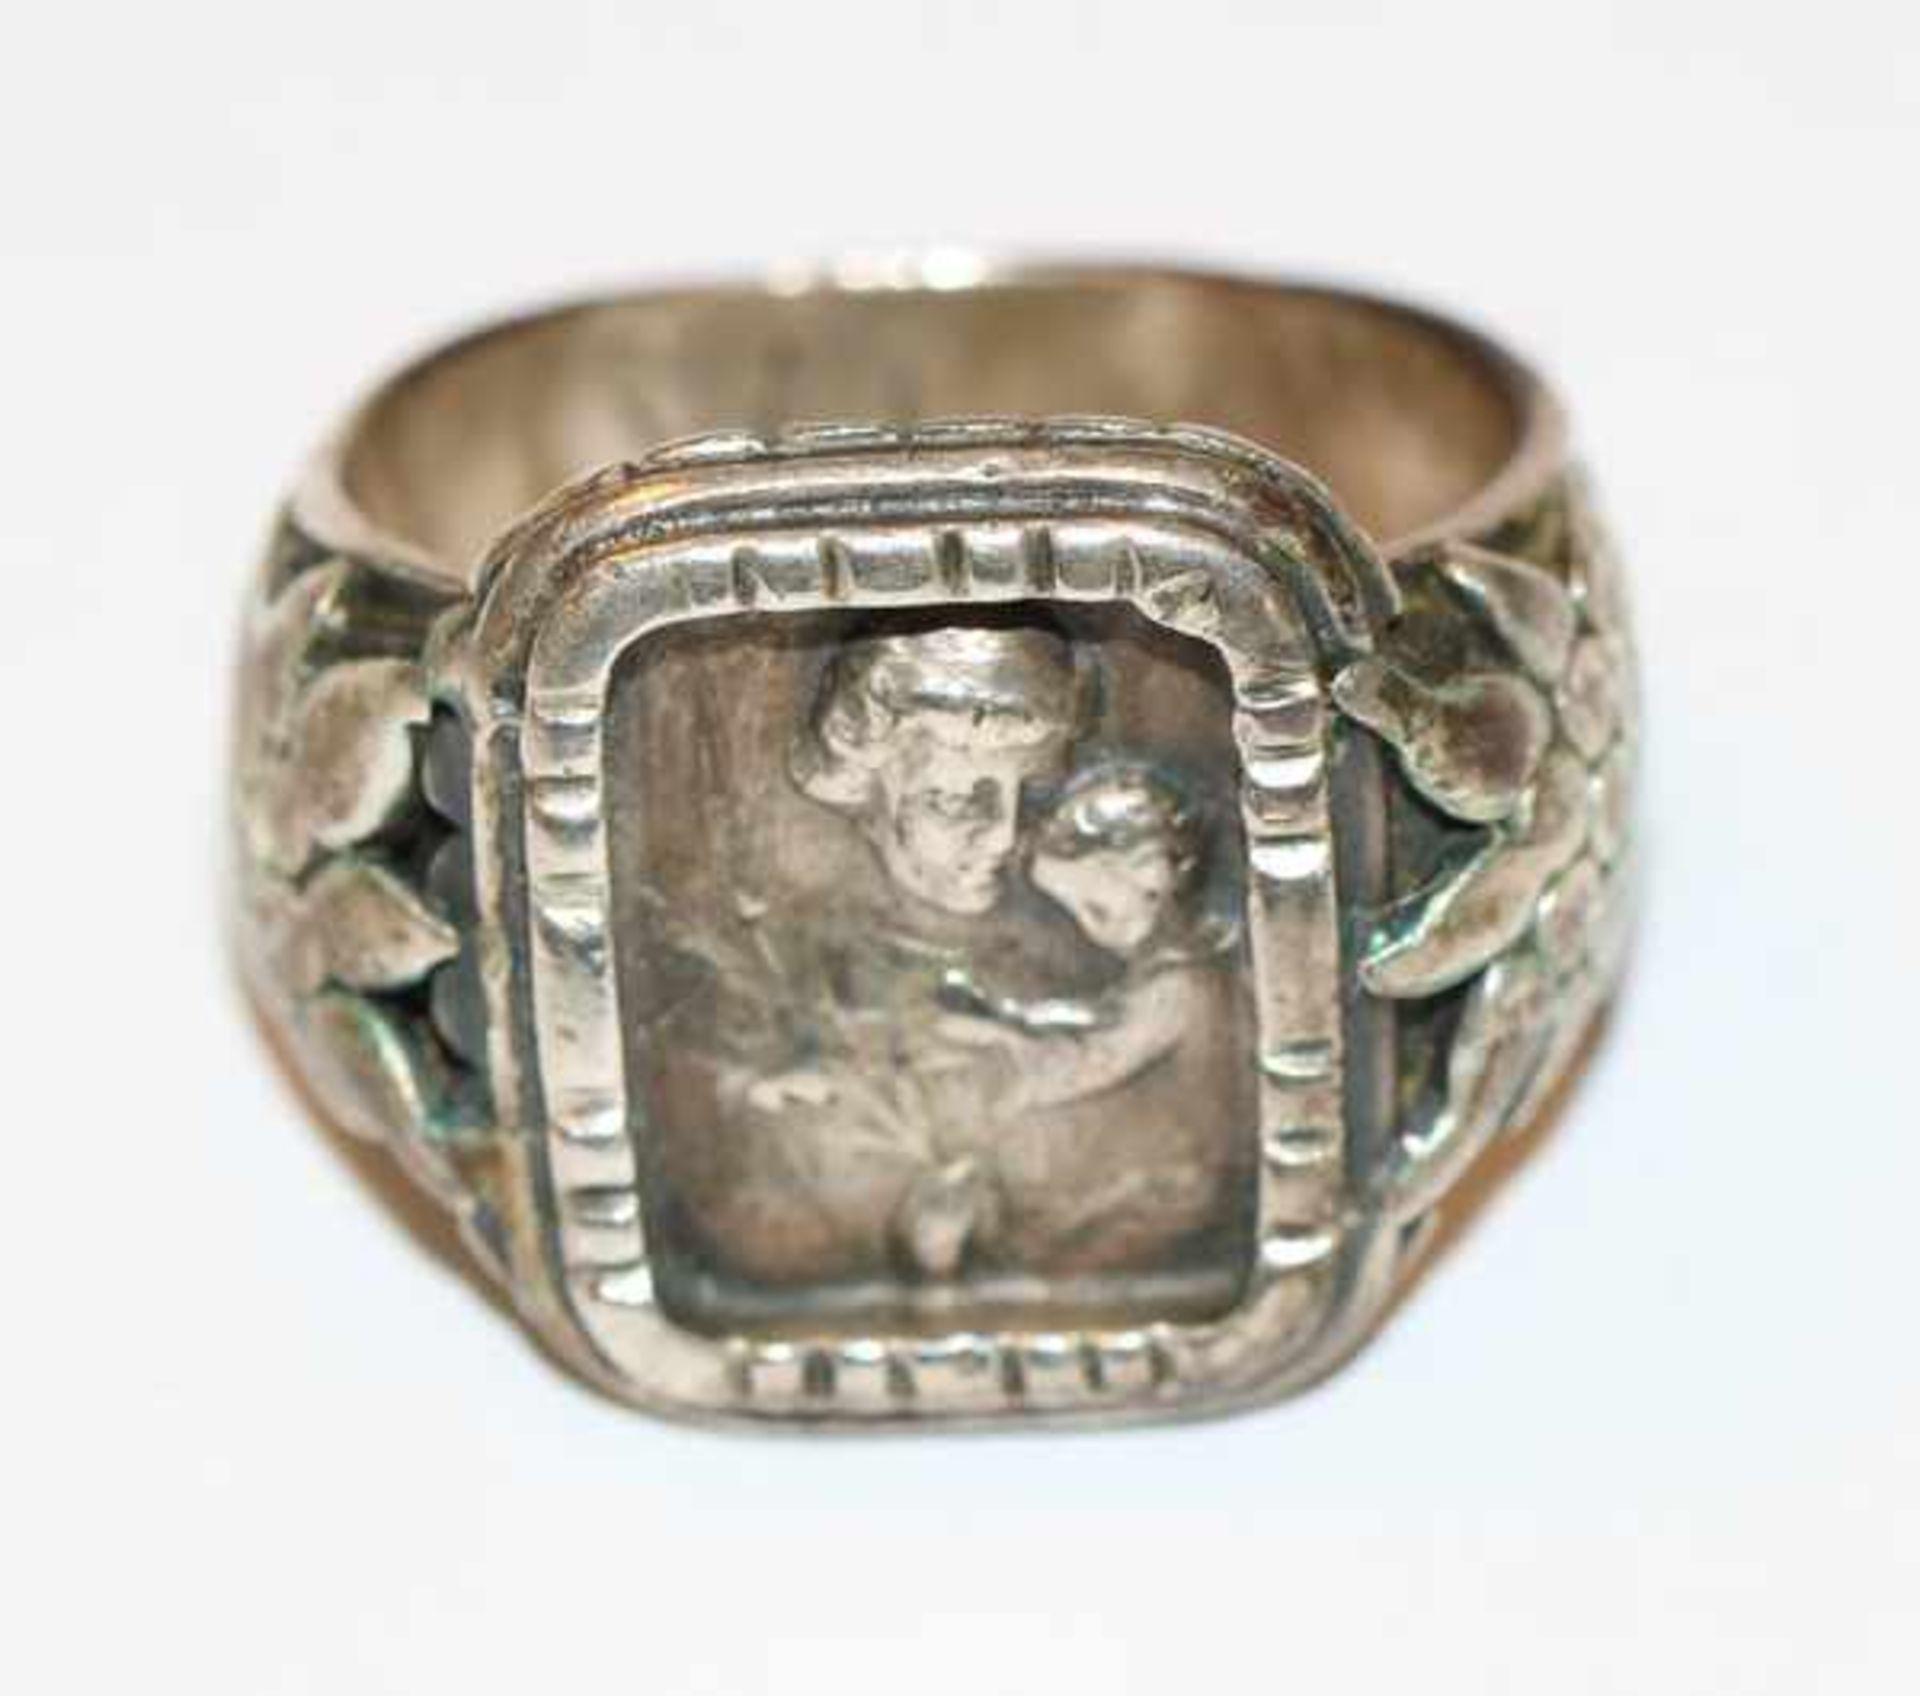 Los 3 - Antoni-Ring, 800 Silber, reliefierter Heiliger Antonius und seitlichen Edelweiß, Gr. 58,